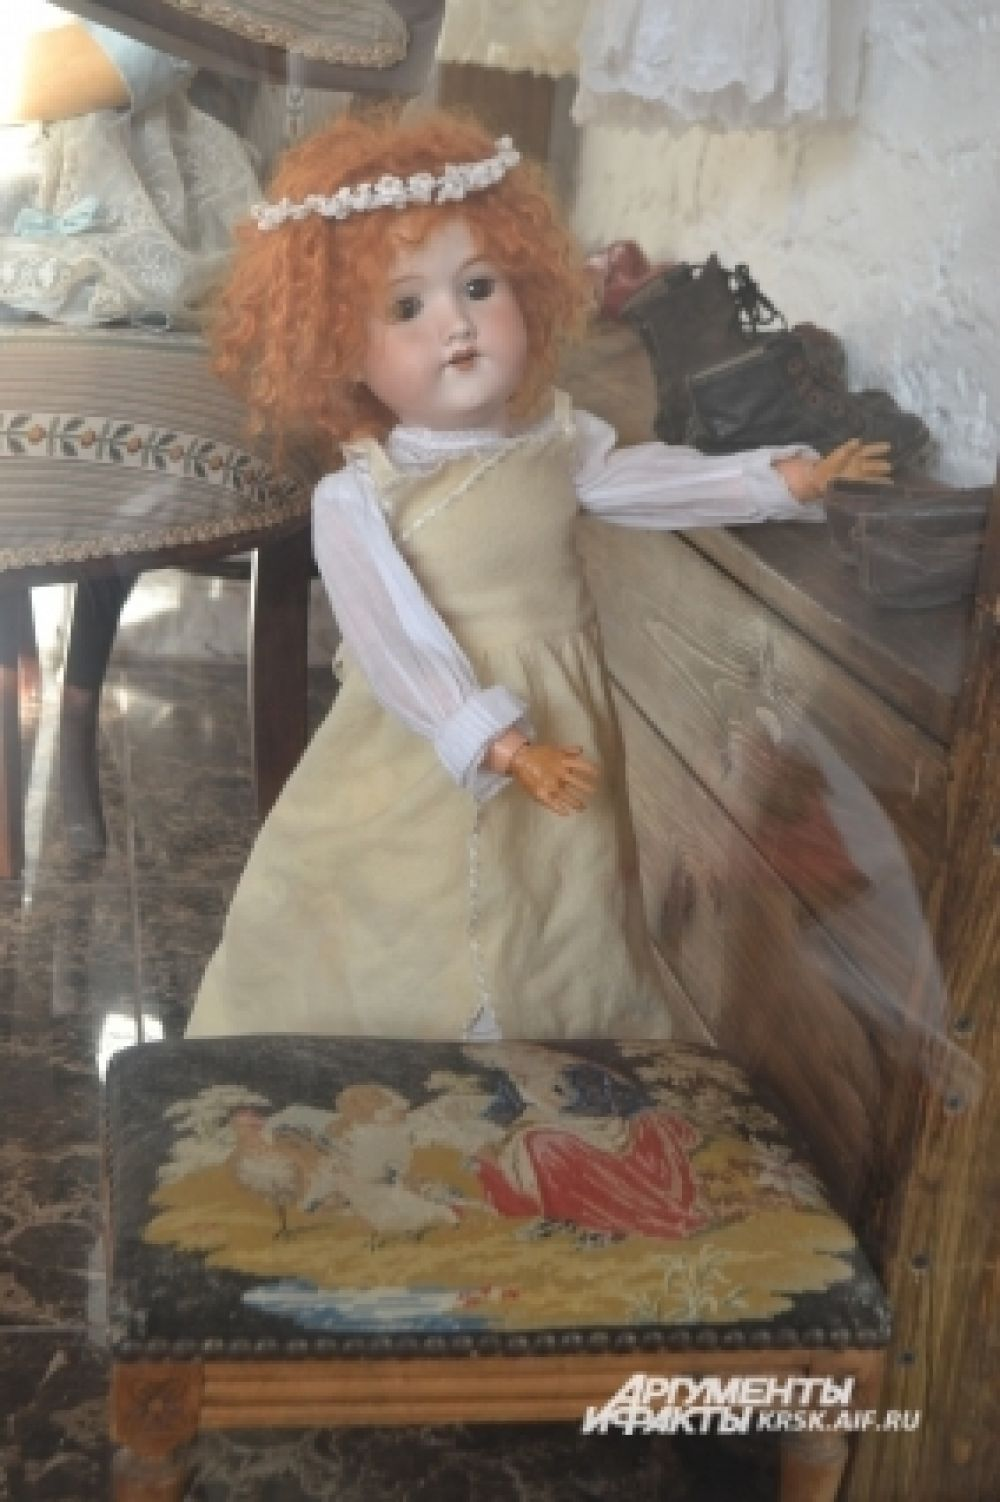 Кукольная мебель в музее тоже раритетная.